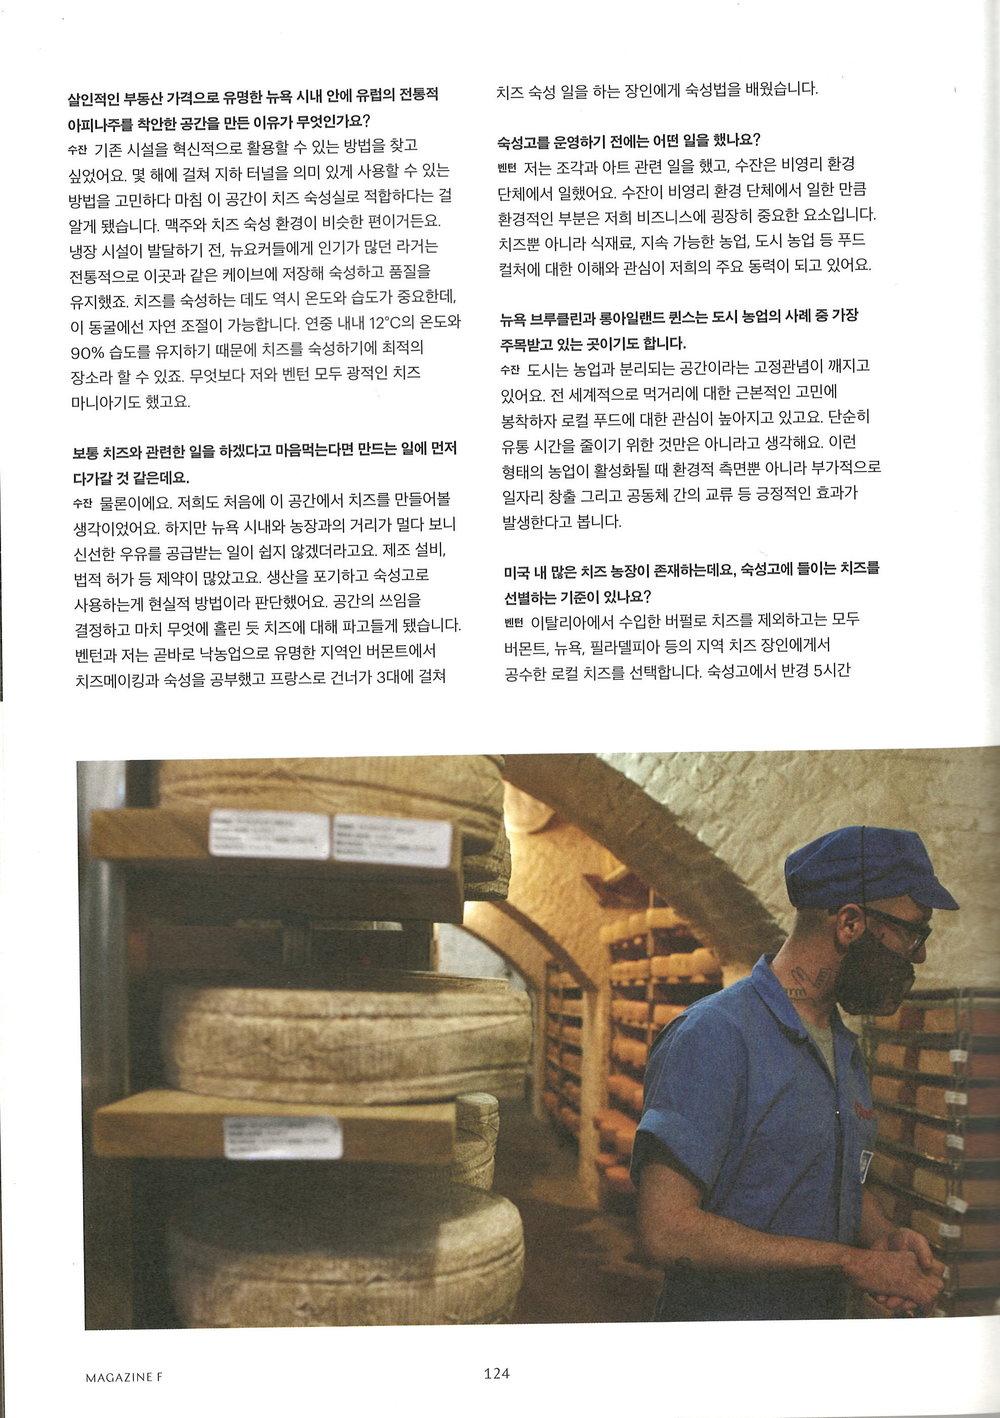 F-mag 4.jpeg